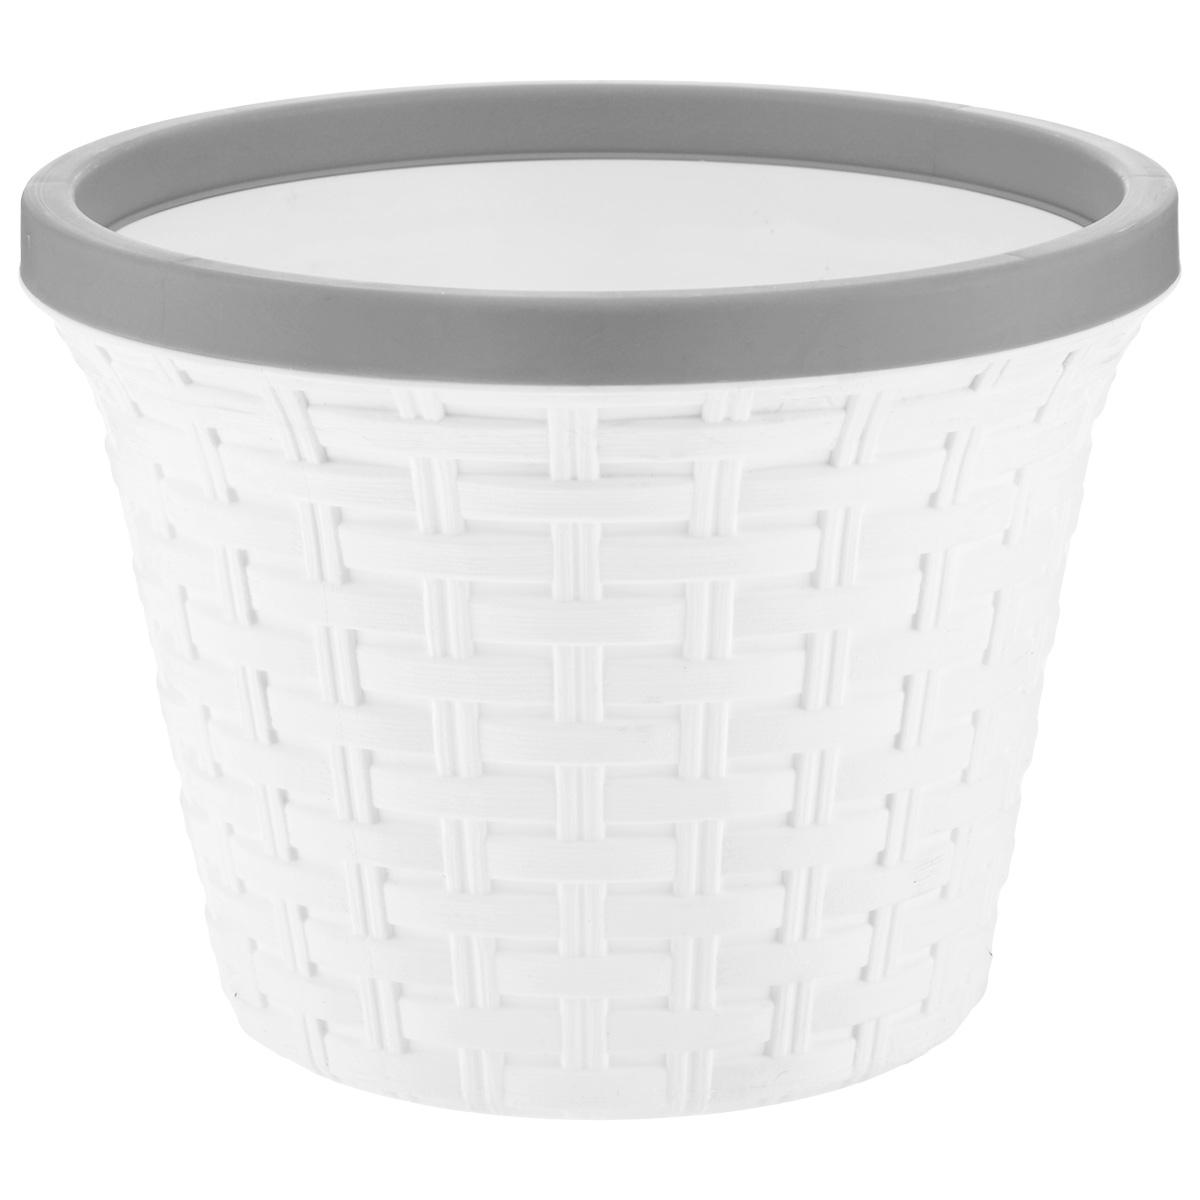 Кашпо Violet Ротанг, с дренажной системой, цвет: белый, 8,8 л32880/6Кашпо Violet Ротанг изготовлено из высококачественного пластика и оснащено дренажной системой для быстрого отведения избытка воды при поливе. Изделие прекрасно подходит для выращивания растений и цветов в домашних условиях. Лаконичный дизайн впишется в интерьер любого помещения. Объем: 8,8 л.